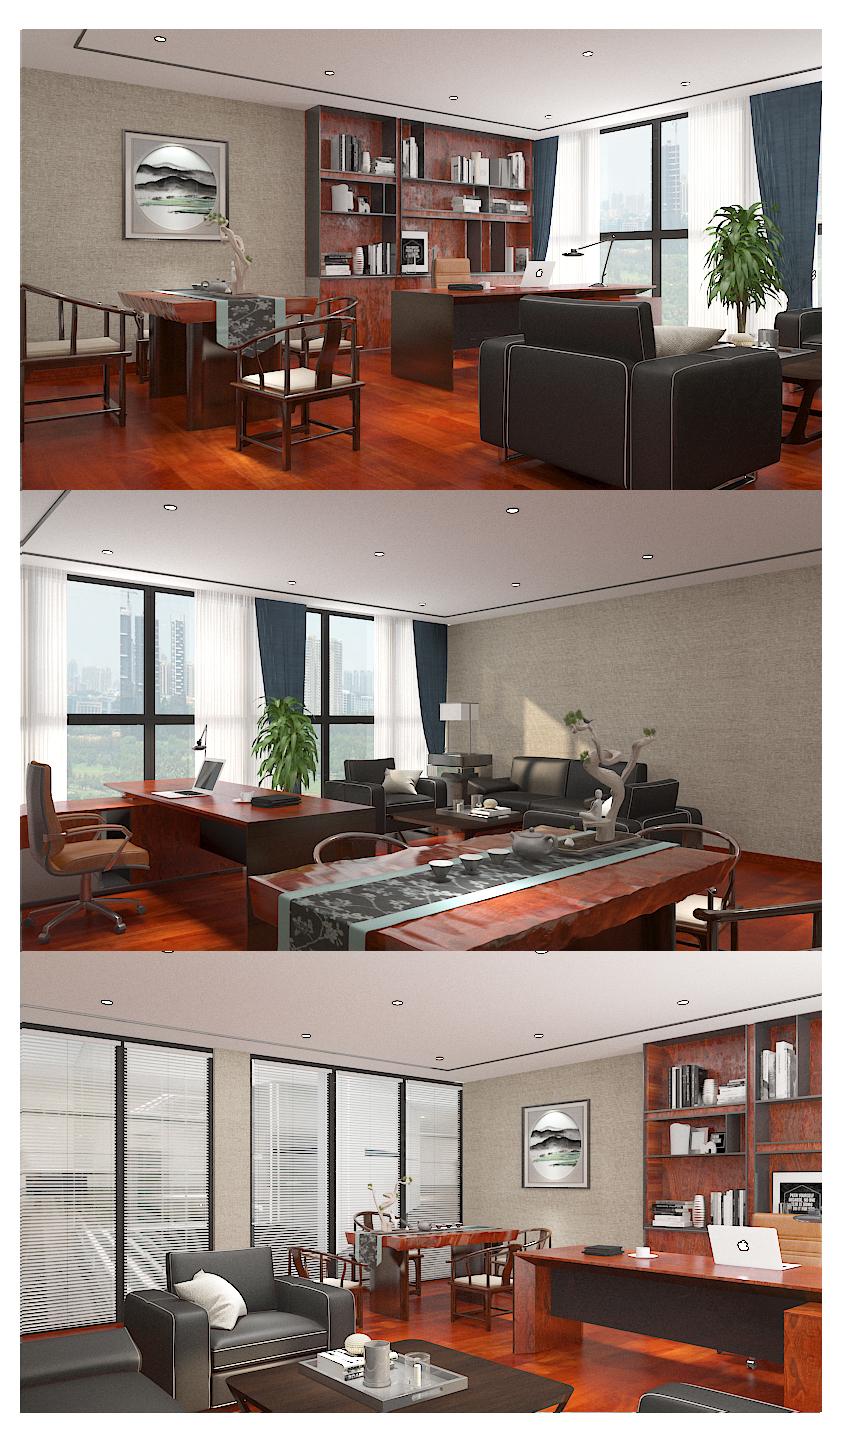 桂林会展中心中建八局项目部项目经理室